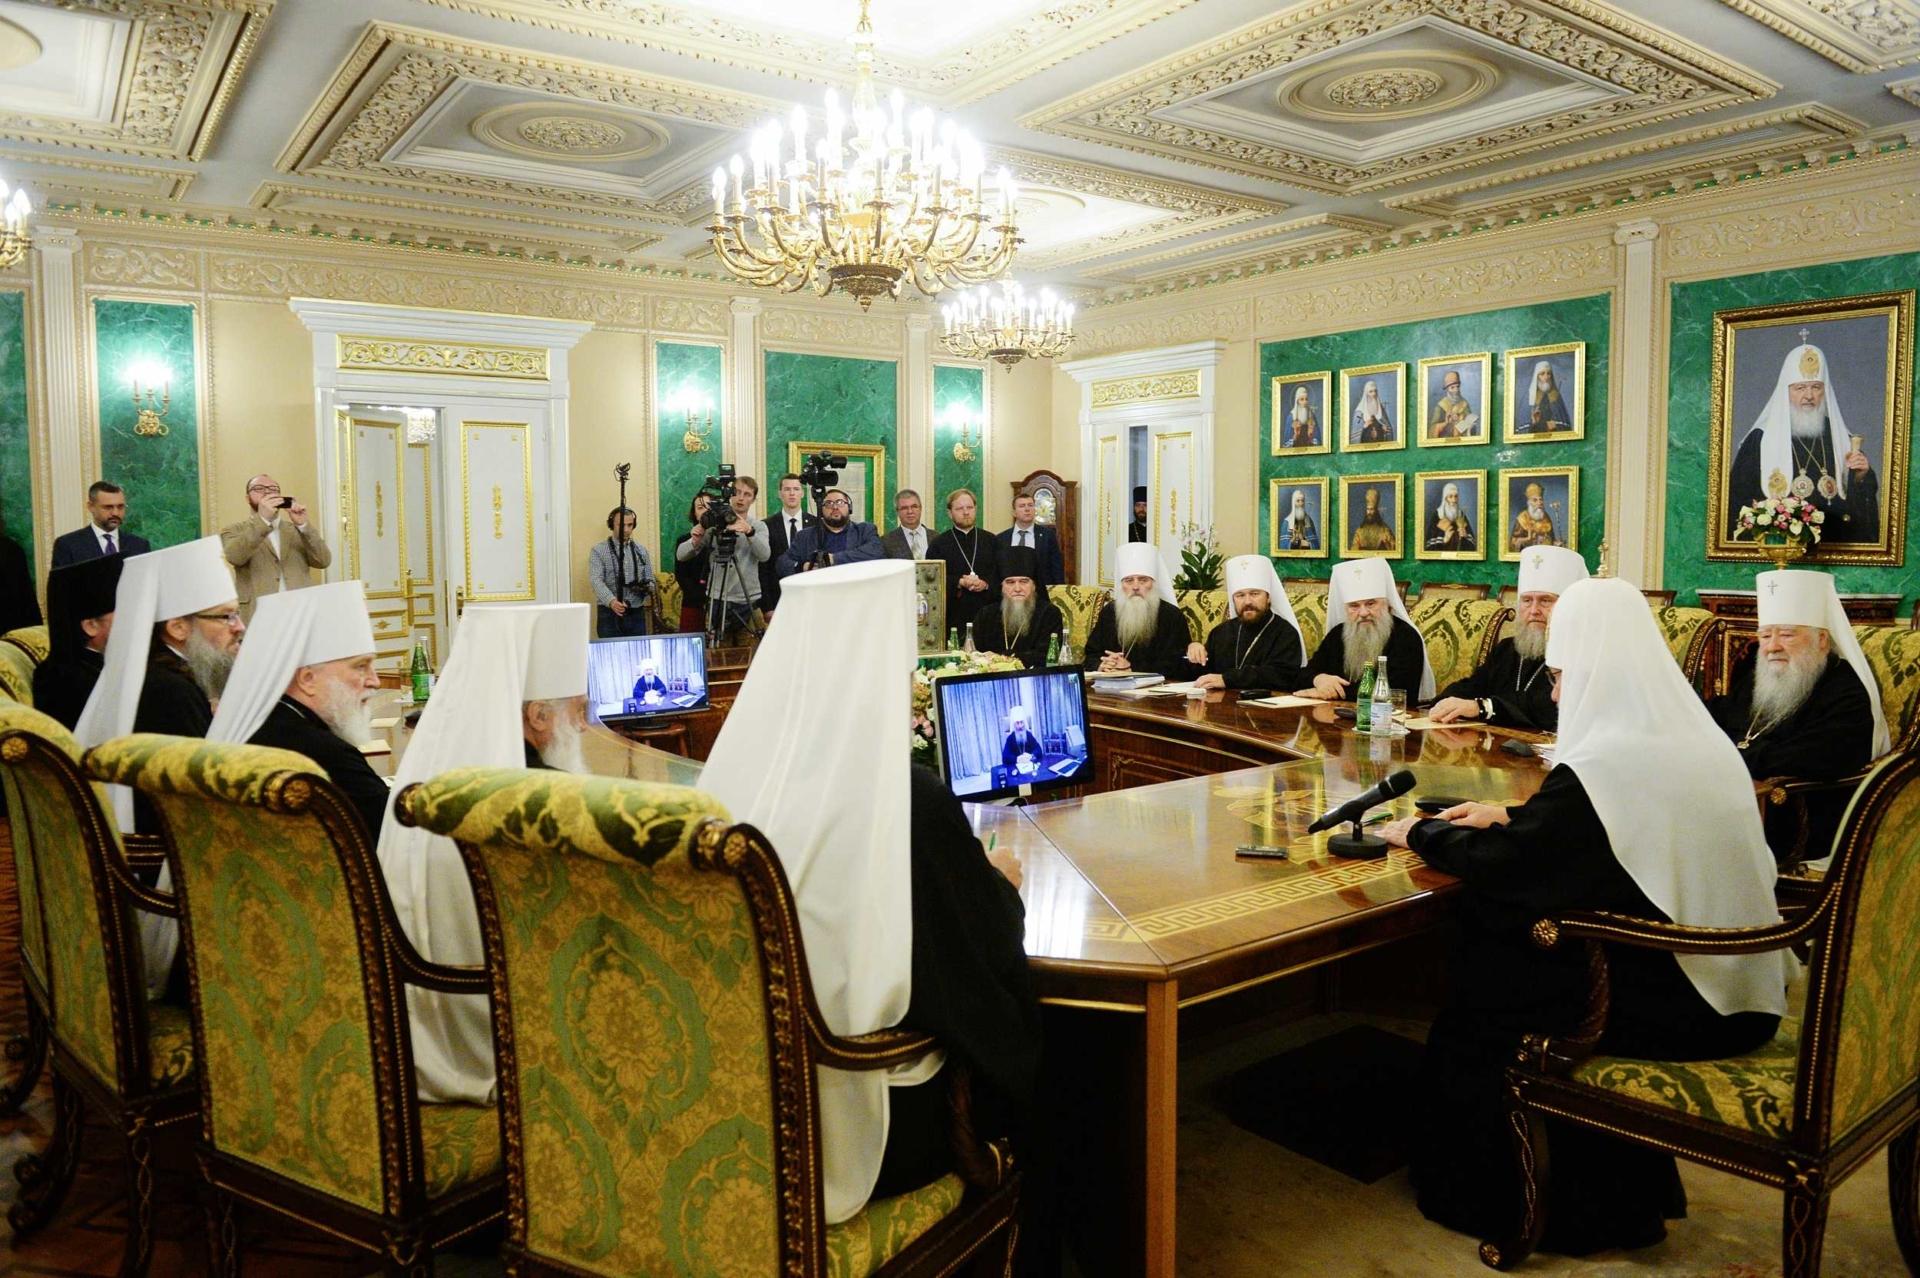 Священный Синод Русской Православной Церкви во время своего внеочередного заседания